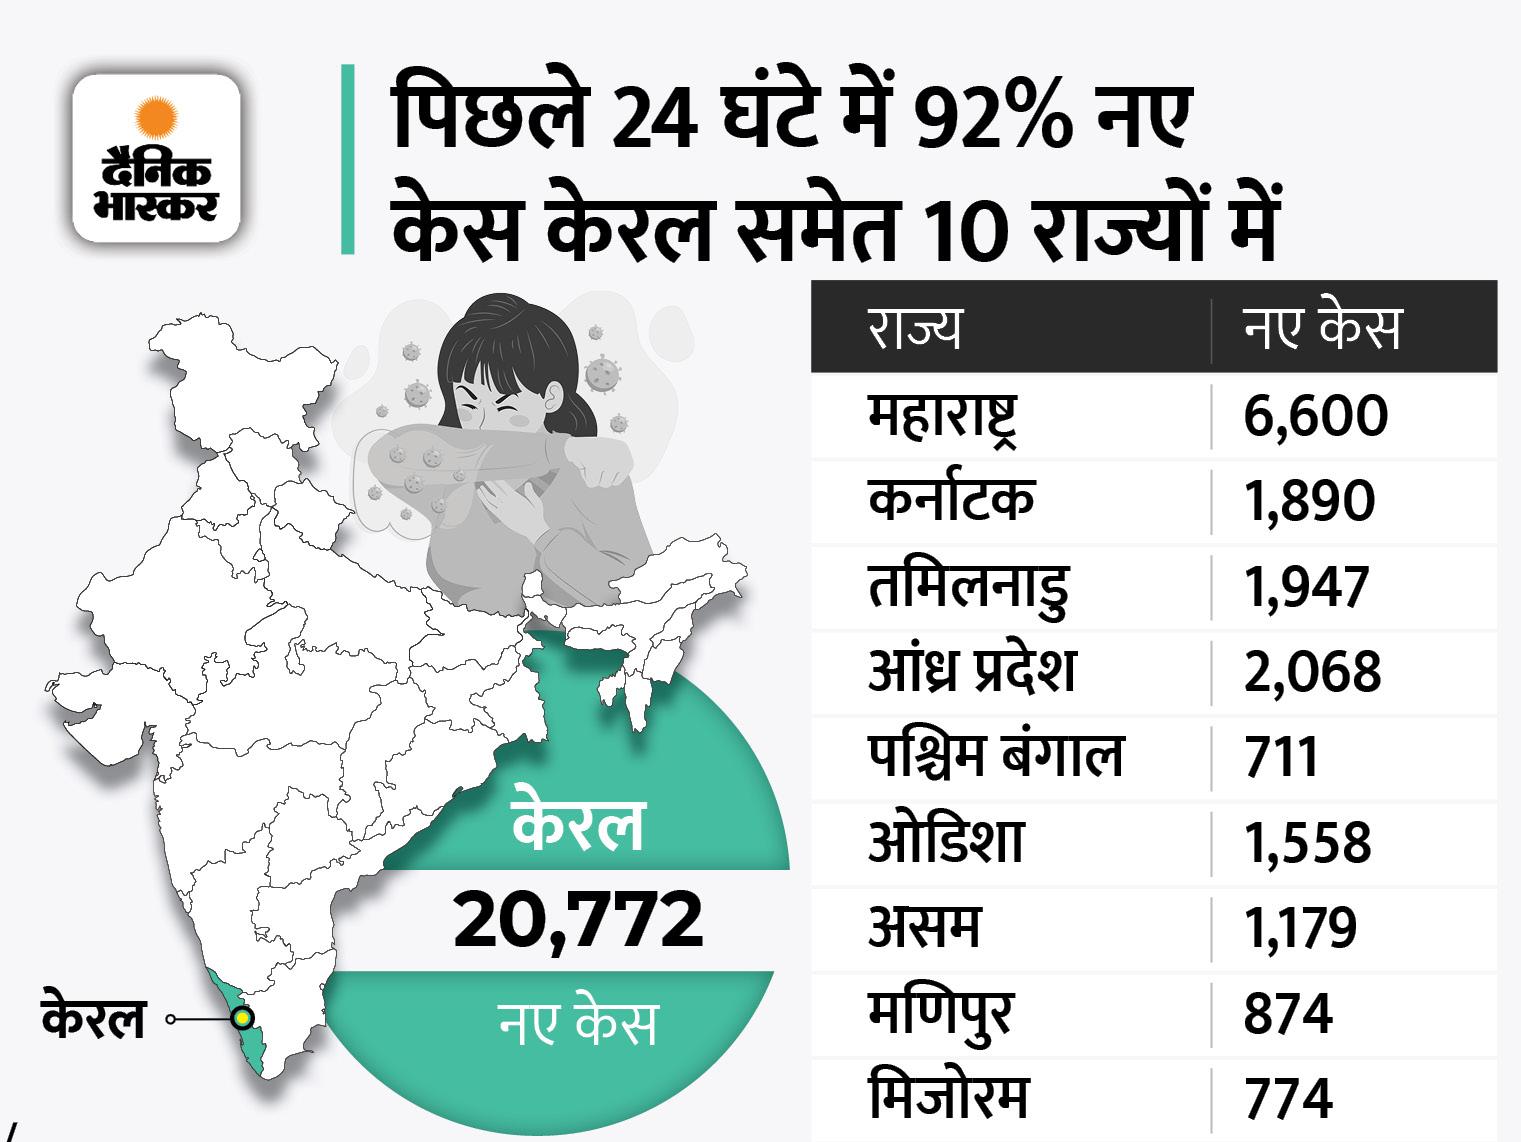 41495 नए मरीज मिले, 37306 ठीक हुए और 598 की मौत; एक्टिव केस 3.92 लाख तक पहुंचने के 4 दिन बाद फिर 4 लाख के पार देश,National - Dainik Bhaskar